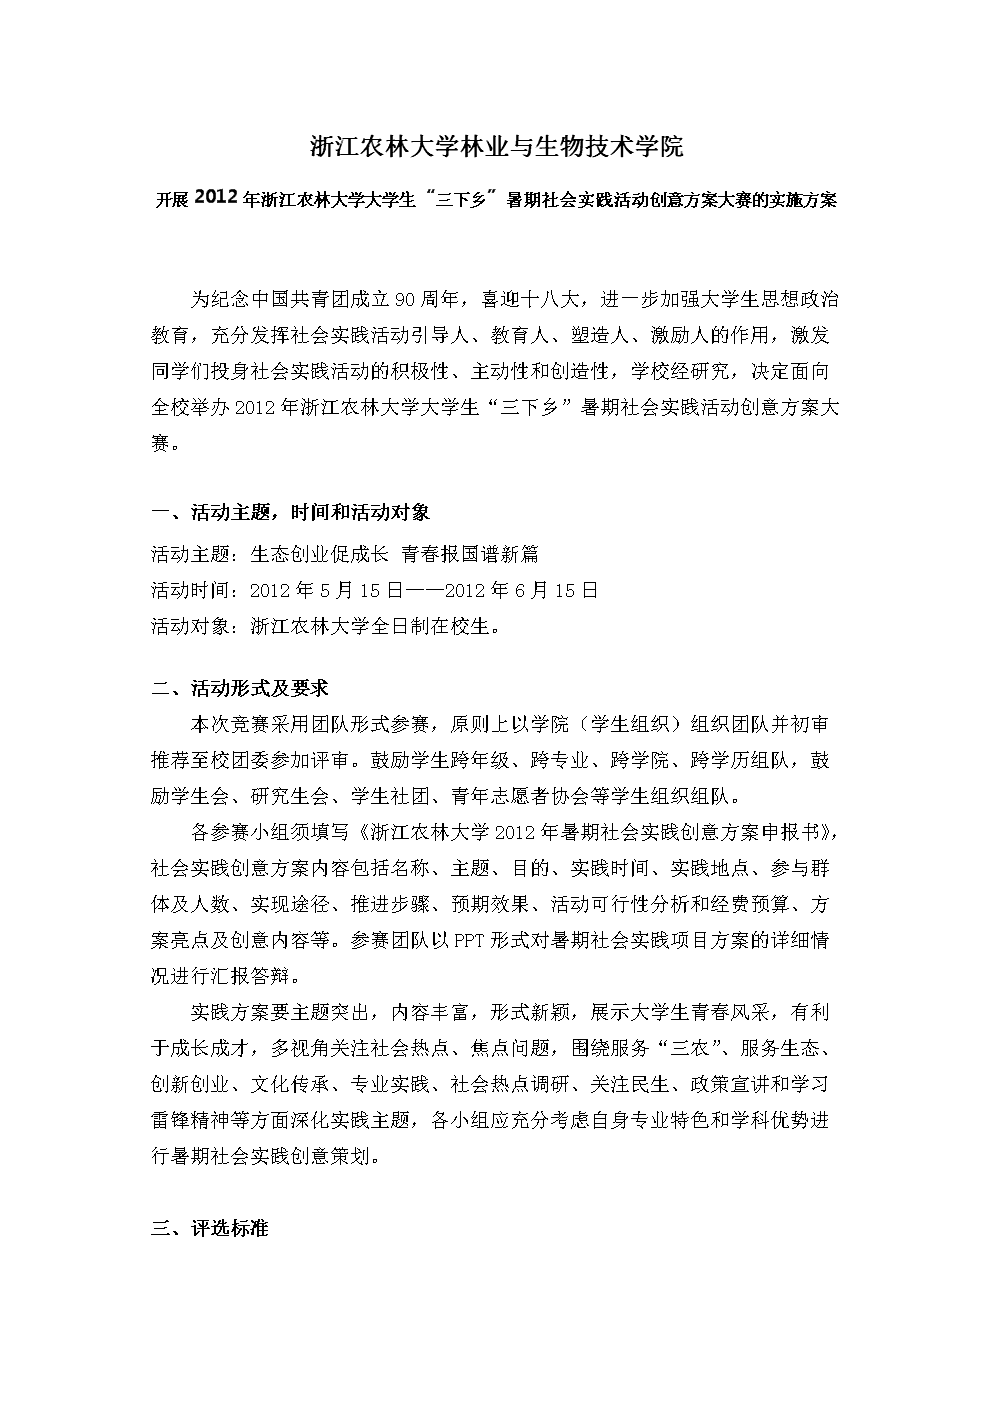 浙江農林大學林業與生物技術學院.doc